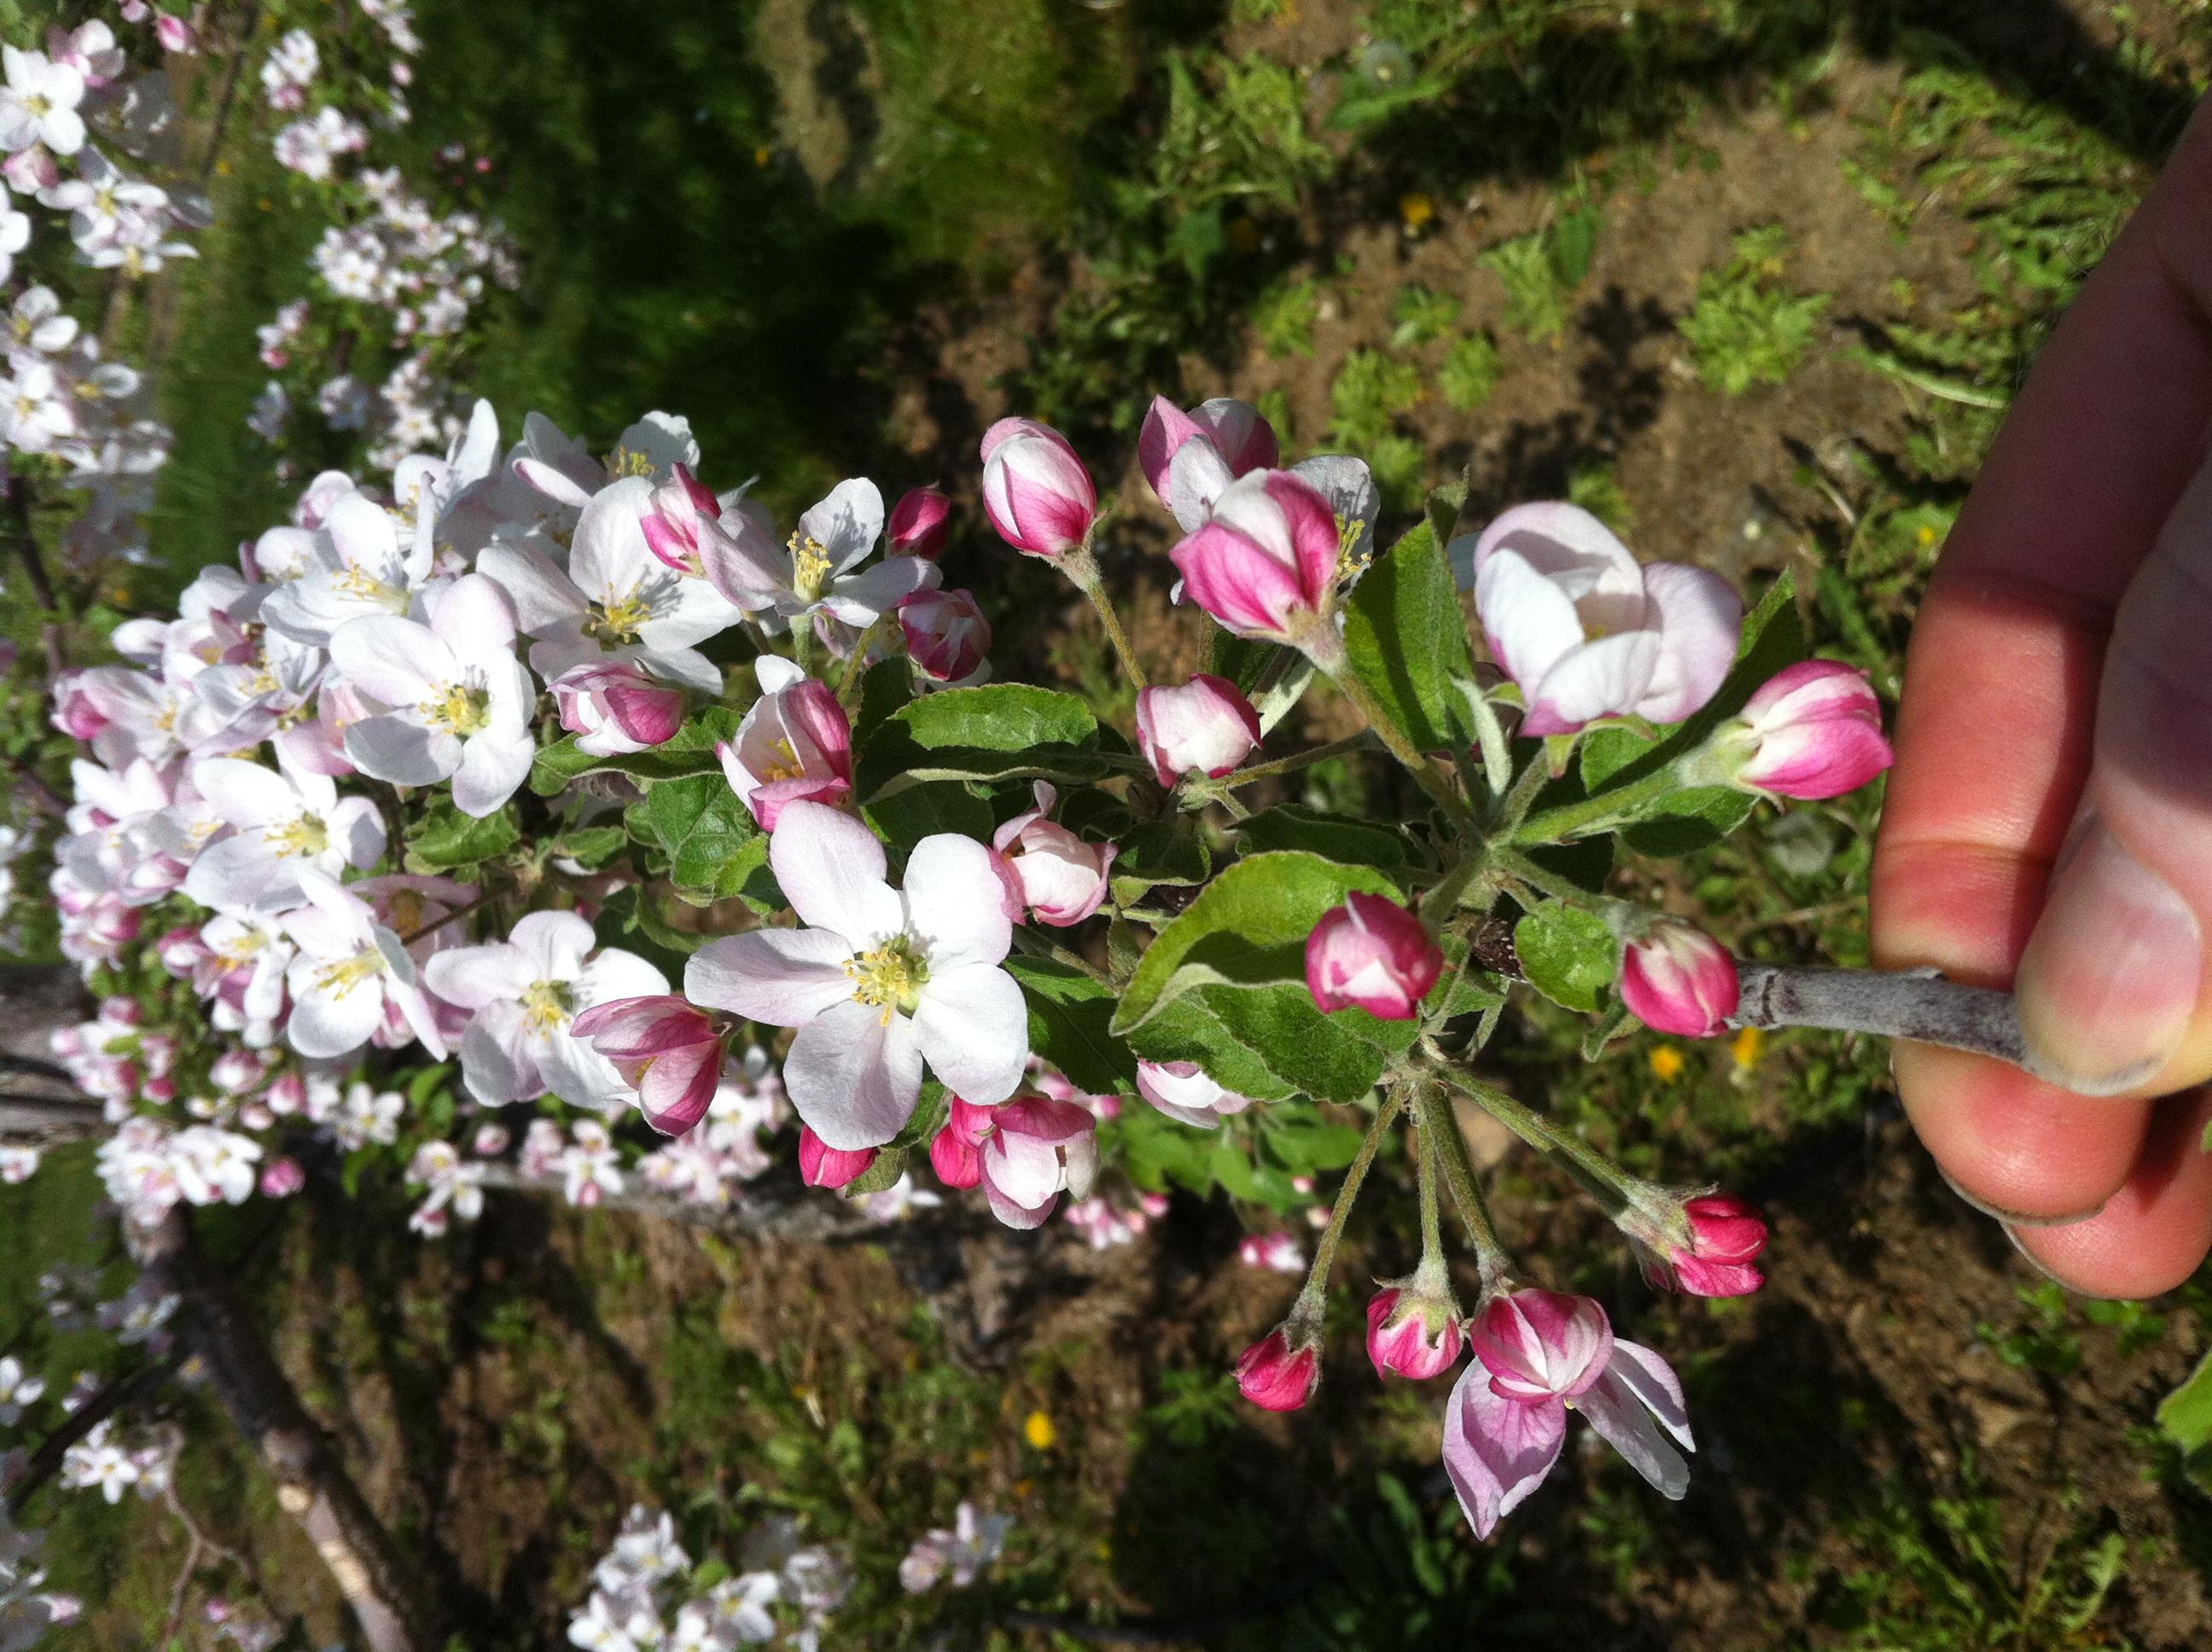 Traiter toutes les fleurs est couteux. Par exemple, les fleurs sur le bois d'un an éclosent plus tard. Visez donc les fleurs selon le risque.